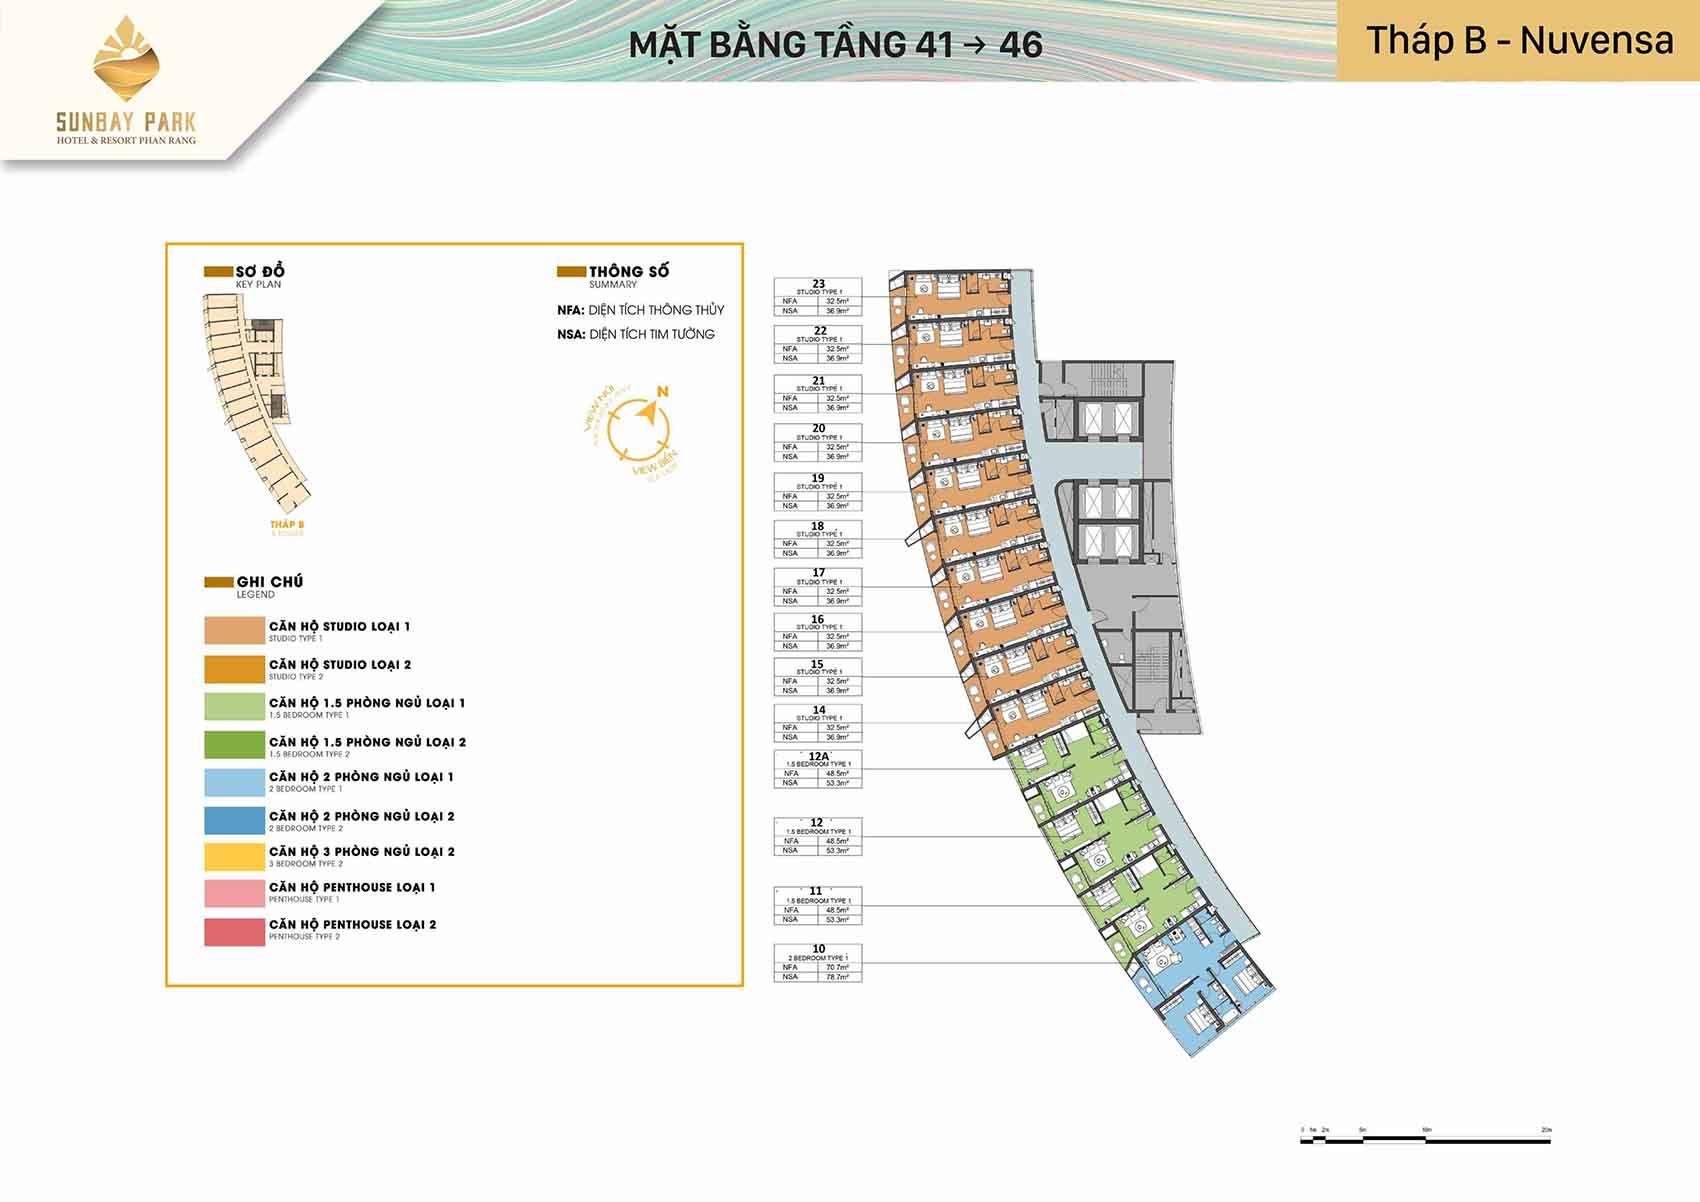 Mặt bằng thiết kế tòa B Nuvensa tầng từ 41-46 dự án Sunbay Park Phan Rang Ninh Thuận